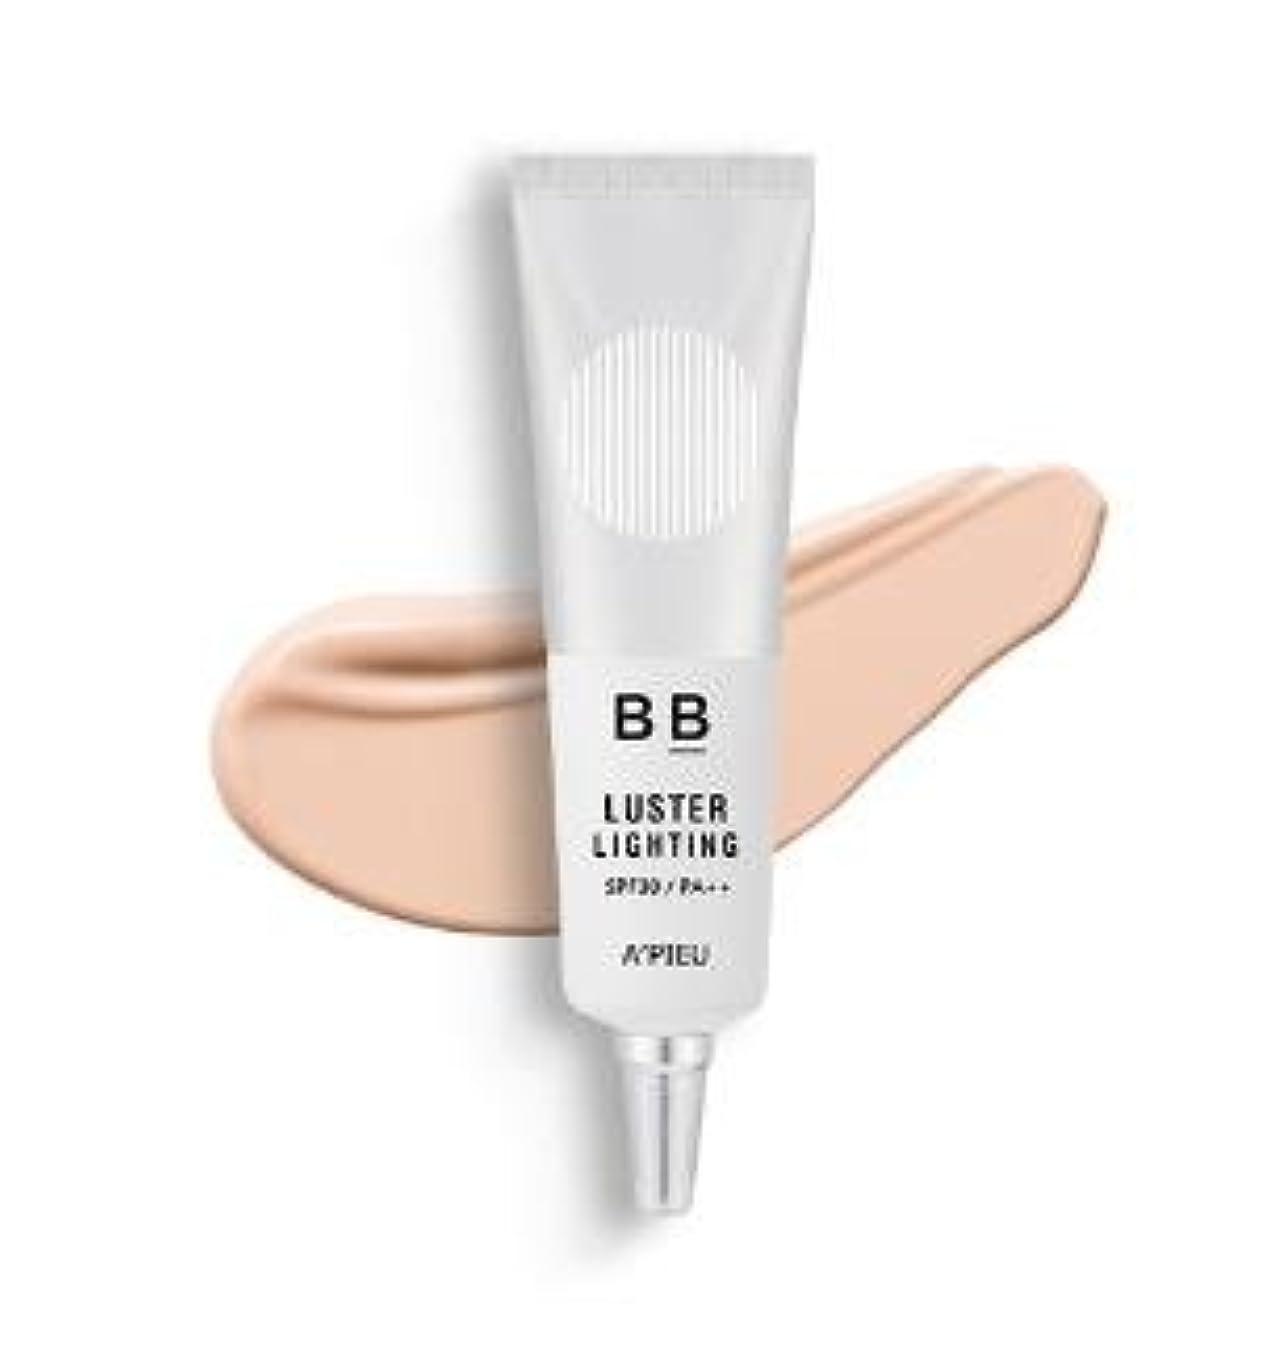 がんばり続けるリンク見せますAPIEU Luster Lighting BB Cream No. 21 アピュ 潤光 BB クリーム20g [並行輸入品]